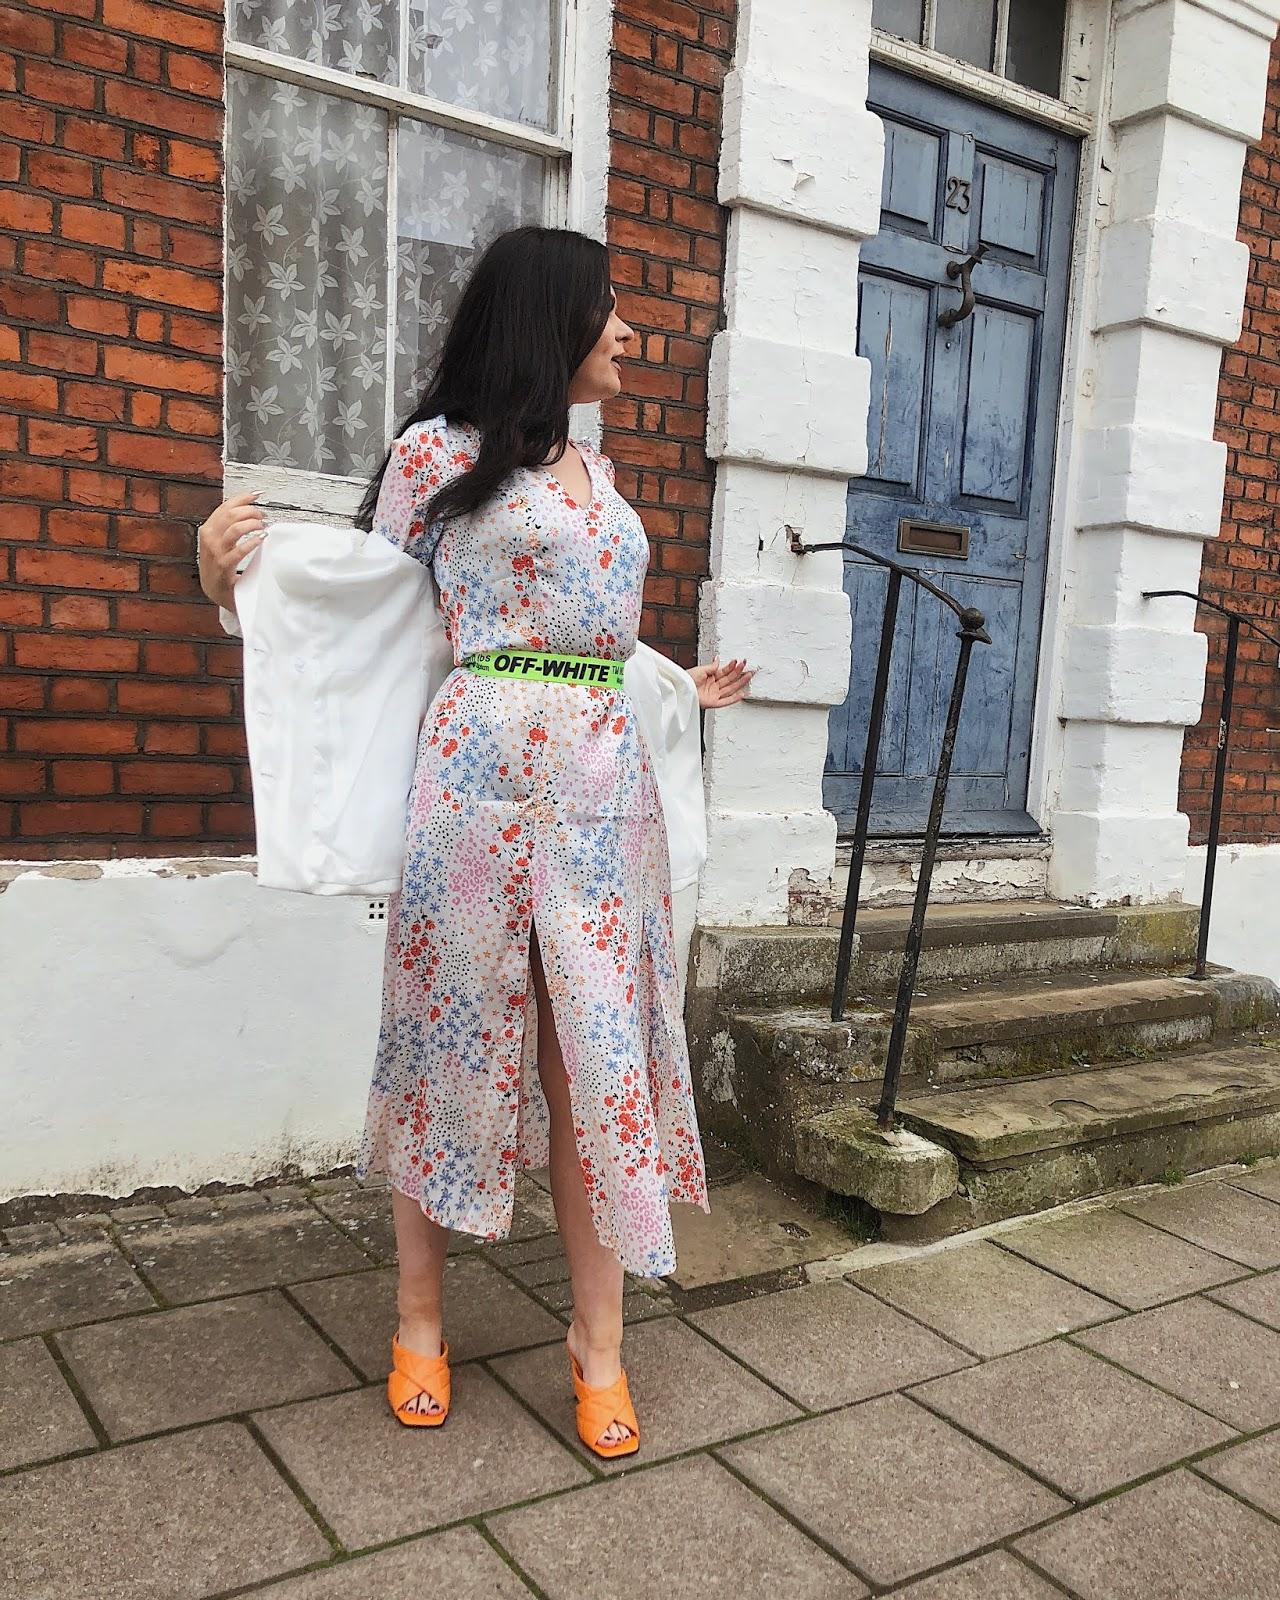 asos floral dress, spring dress, best of spring dresses, womens floral maxi dress,ditsy floral dress, floral smock dress, red ditsy floral dress,